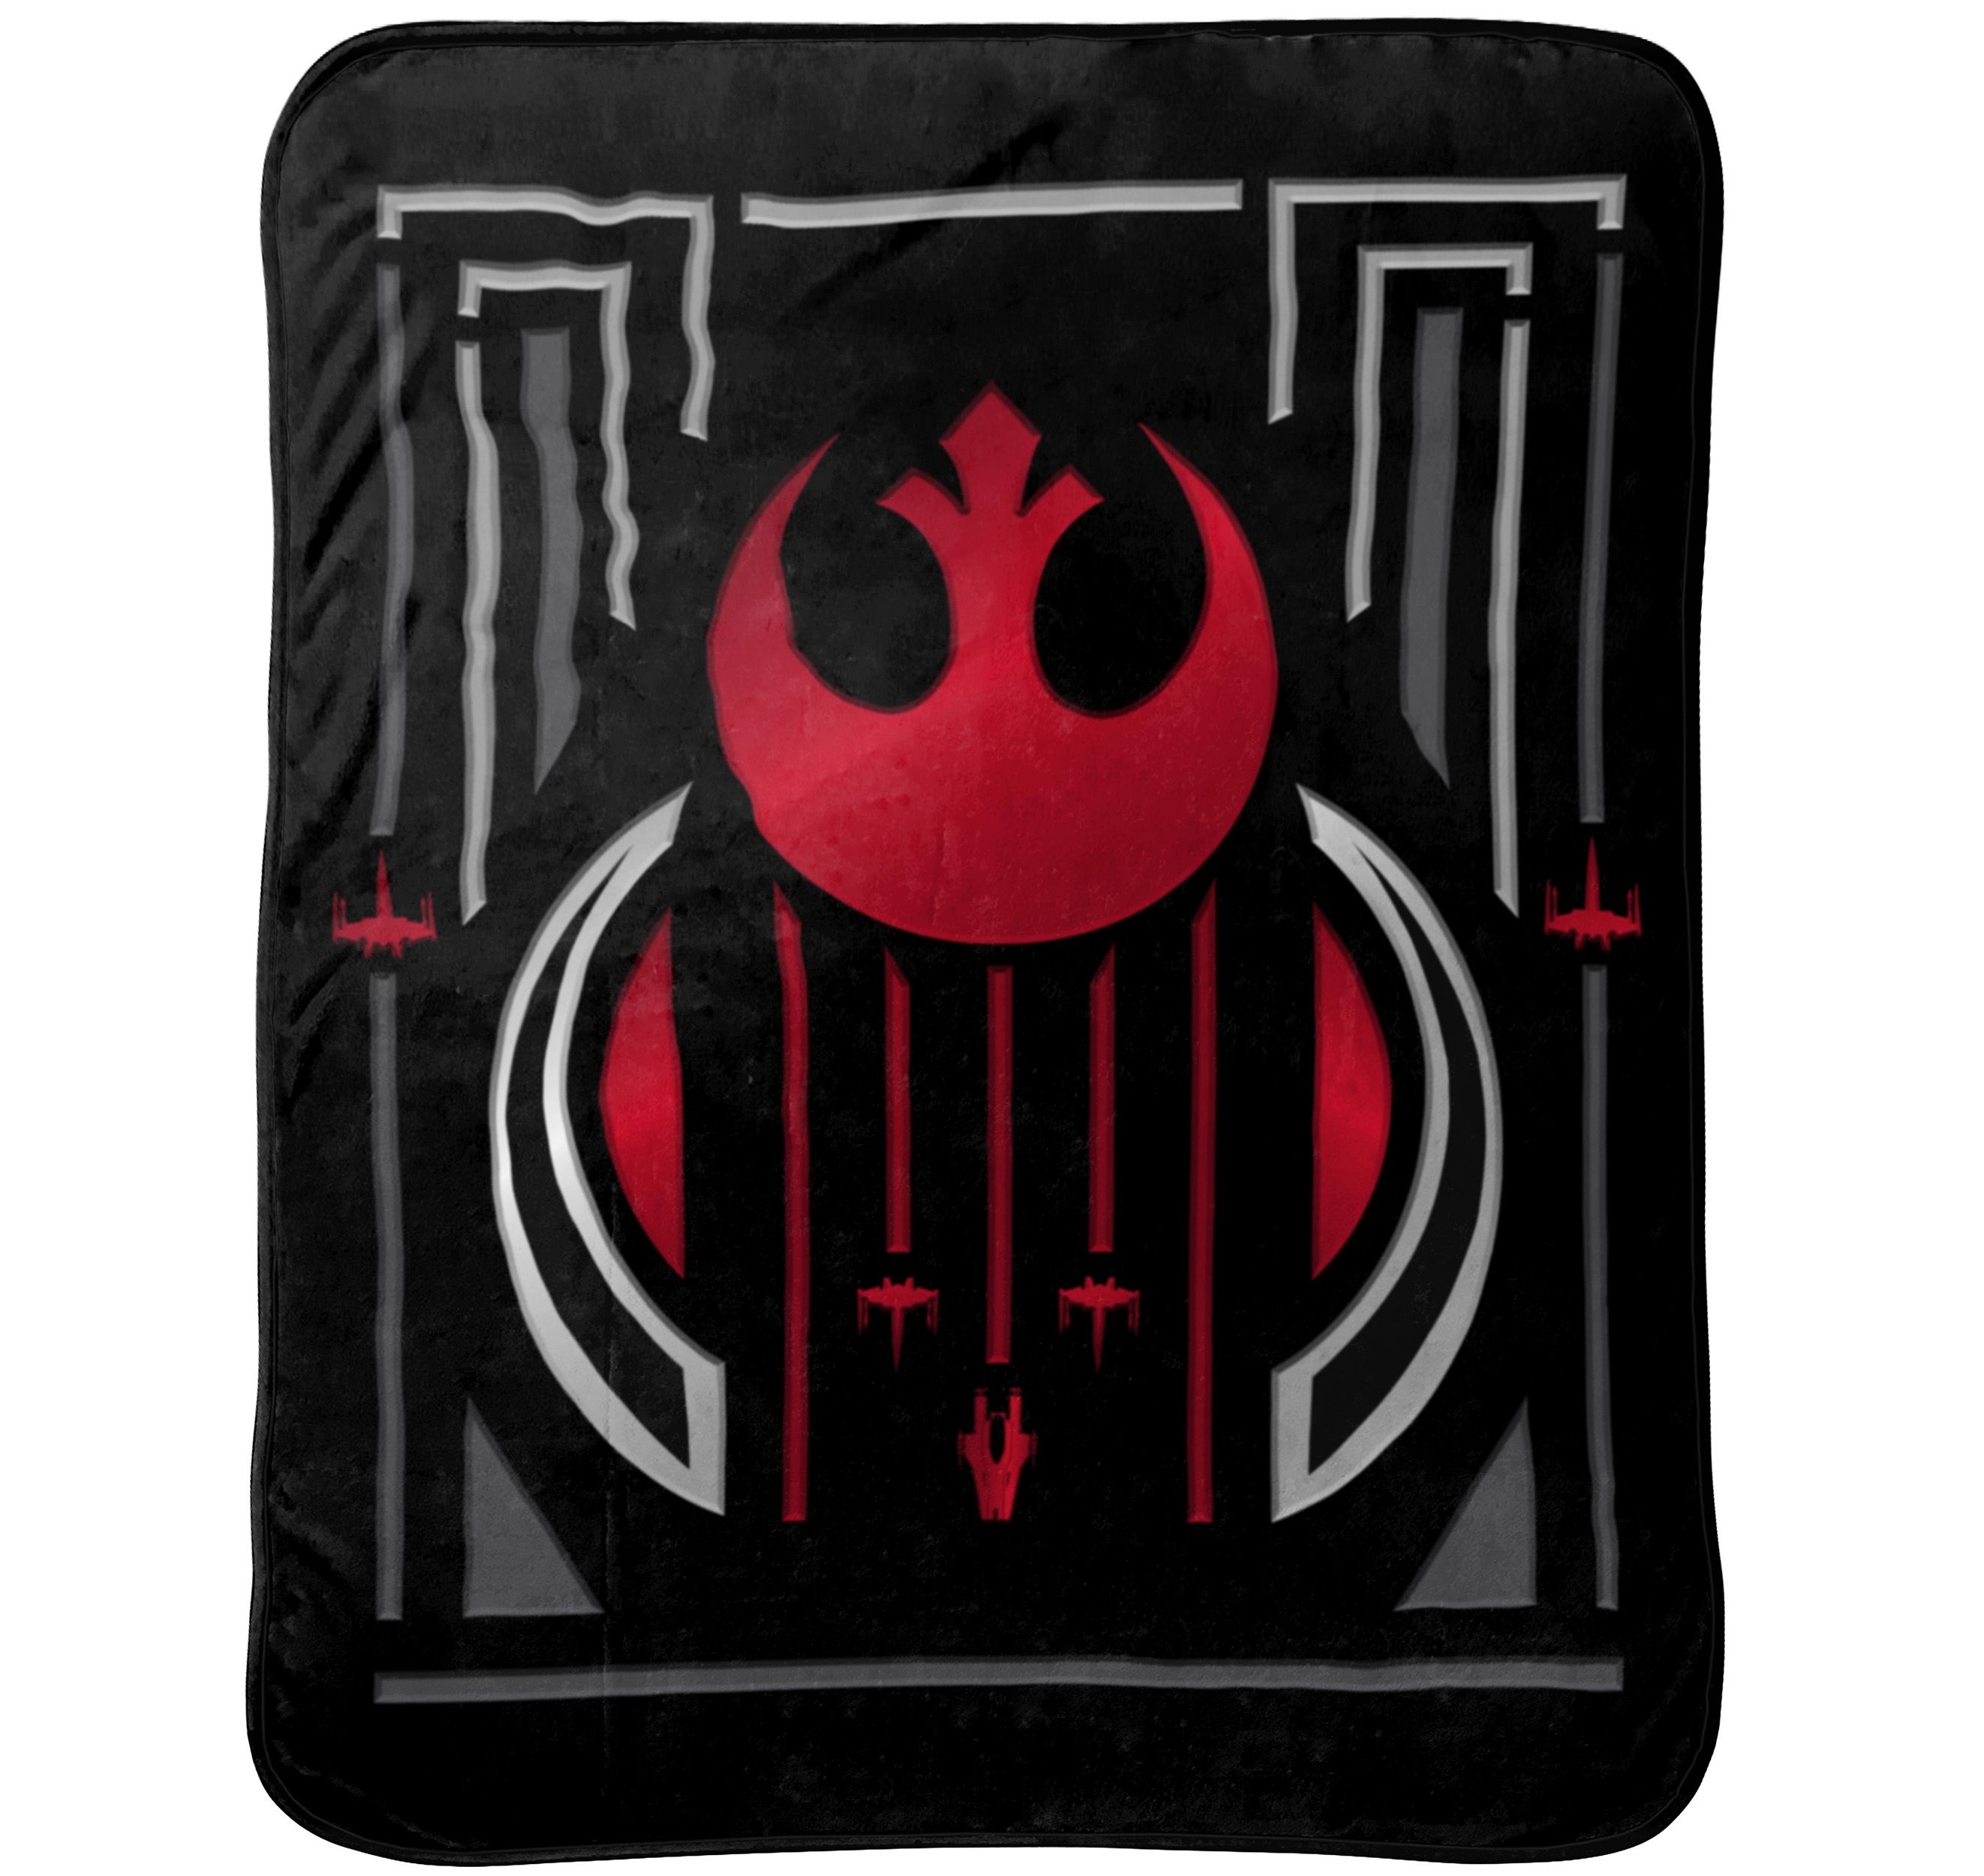 Star Wars Episode 8 The Last Jedi Kids Bedding Throw, 1 Each